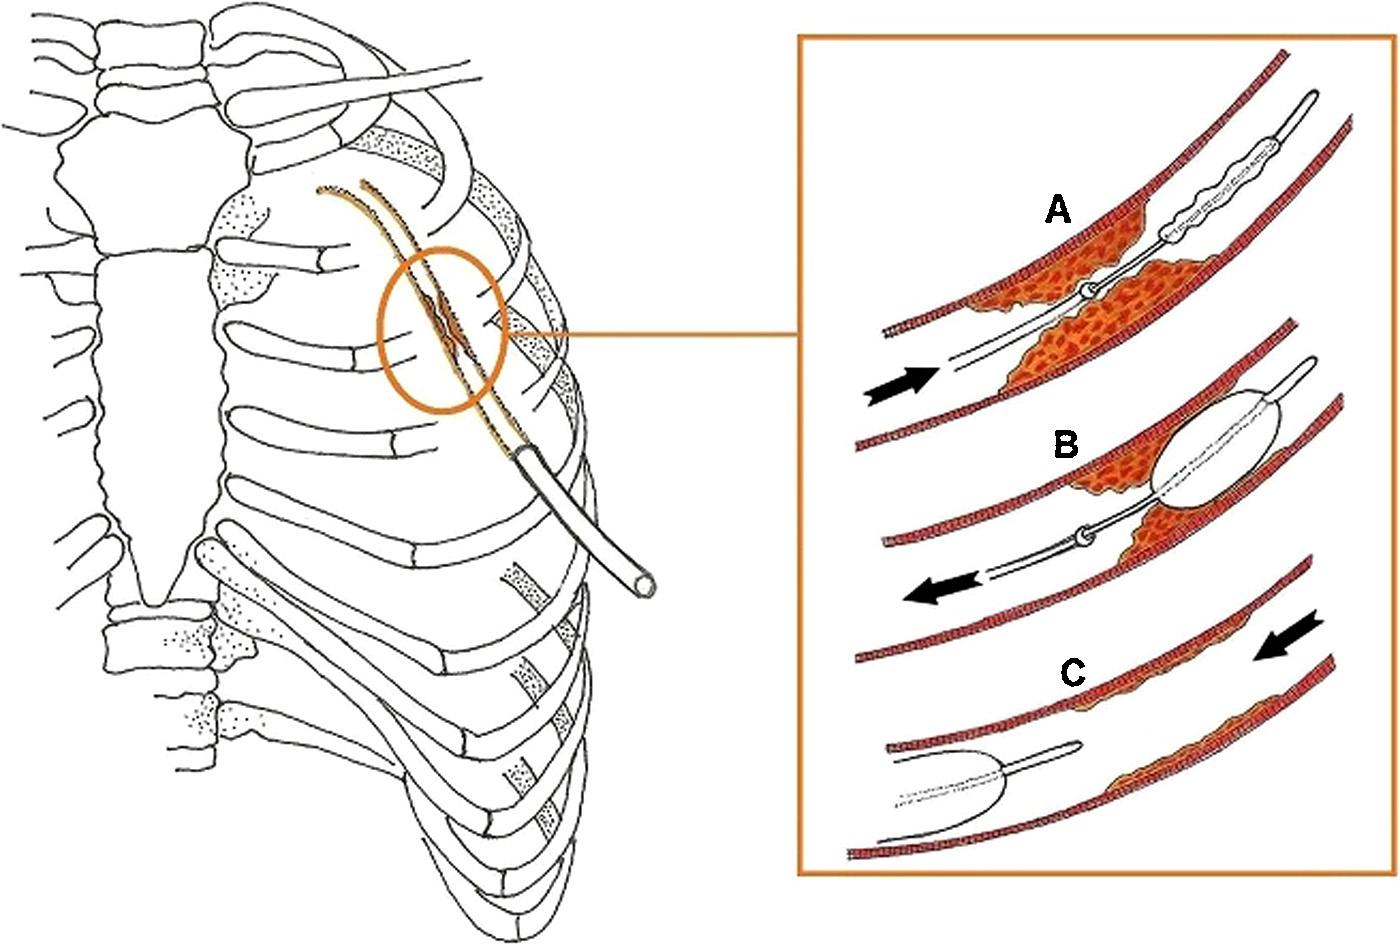 Image from Ref. 1, Boyacioglu et al.